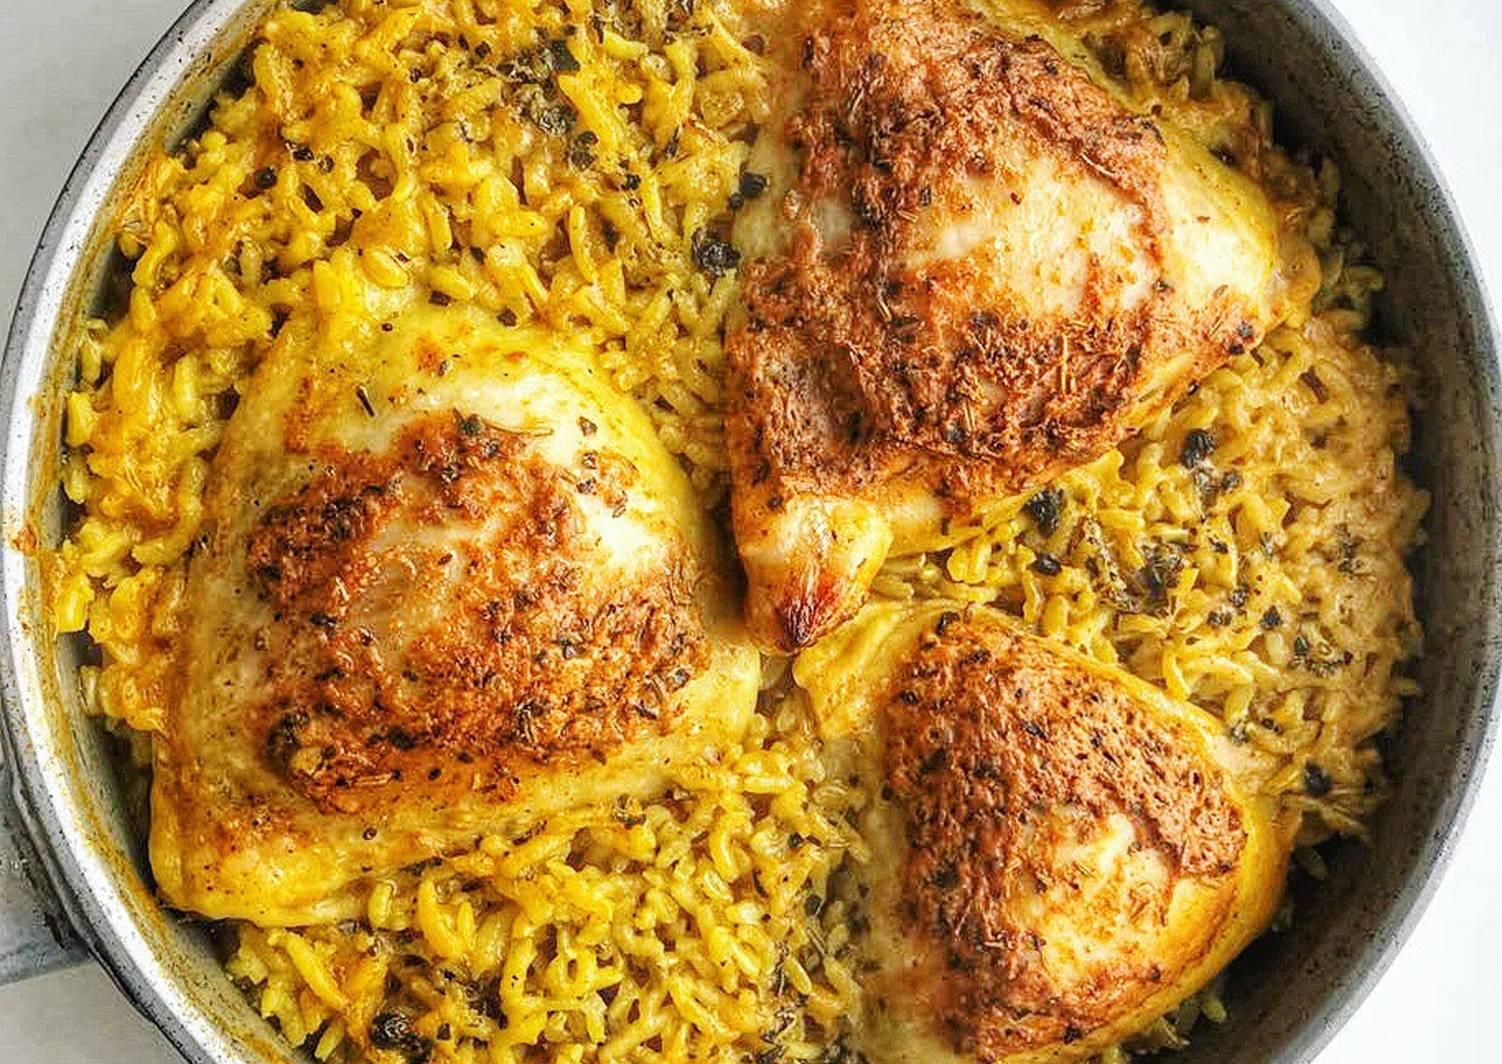 иркутском дтп картинки запеченной курицы с рисом прицел это